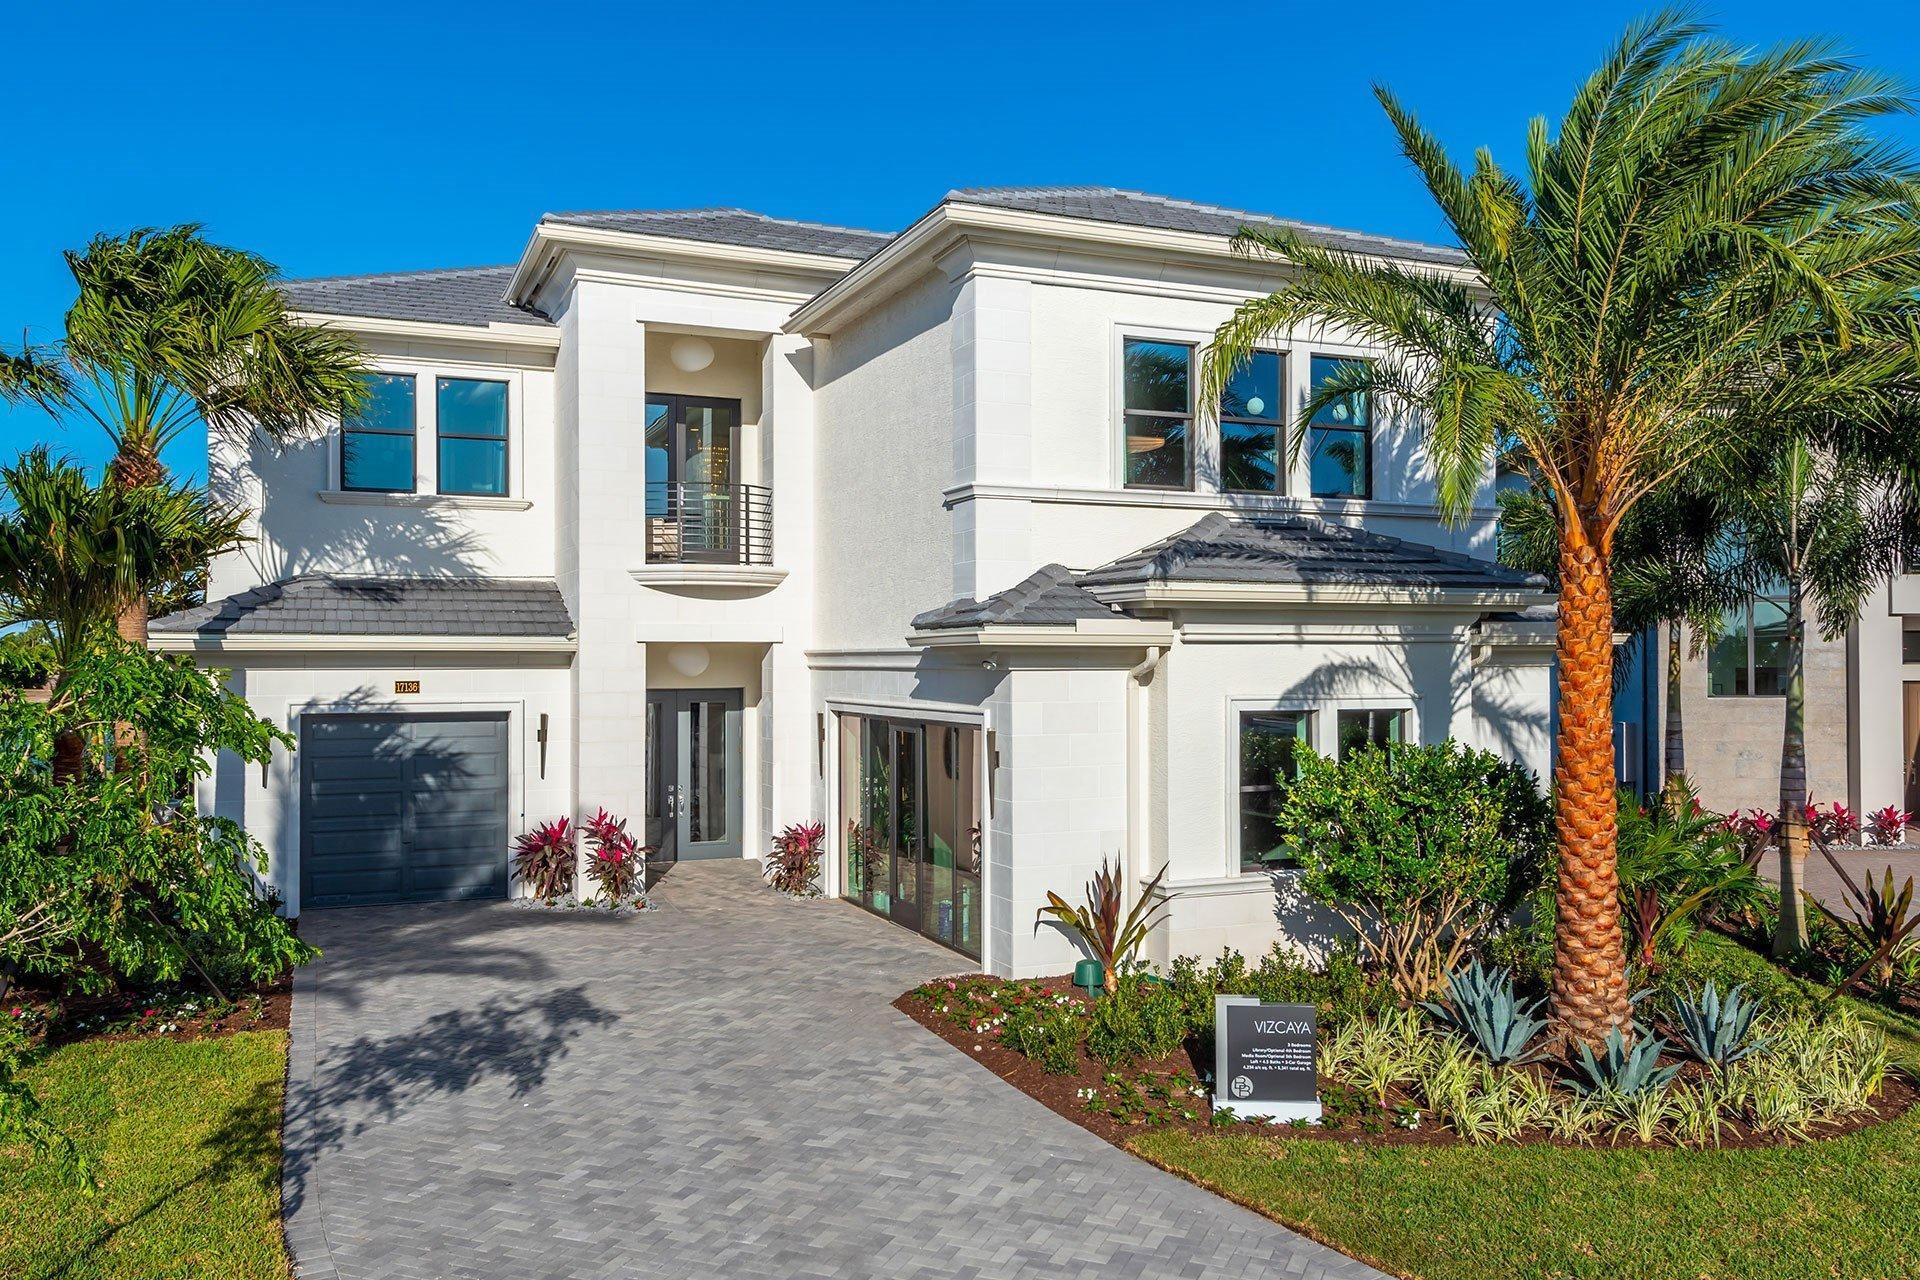 9079 Fiano Place  Boca Raton, FL 33496